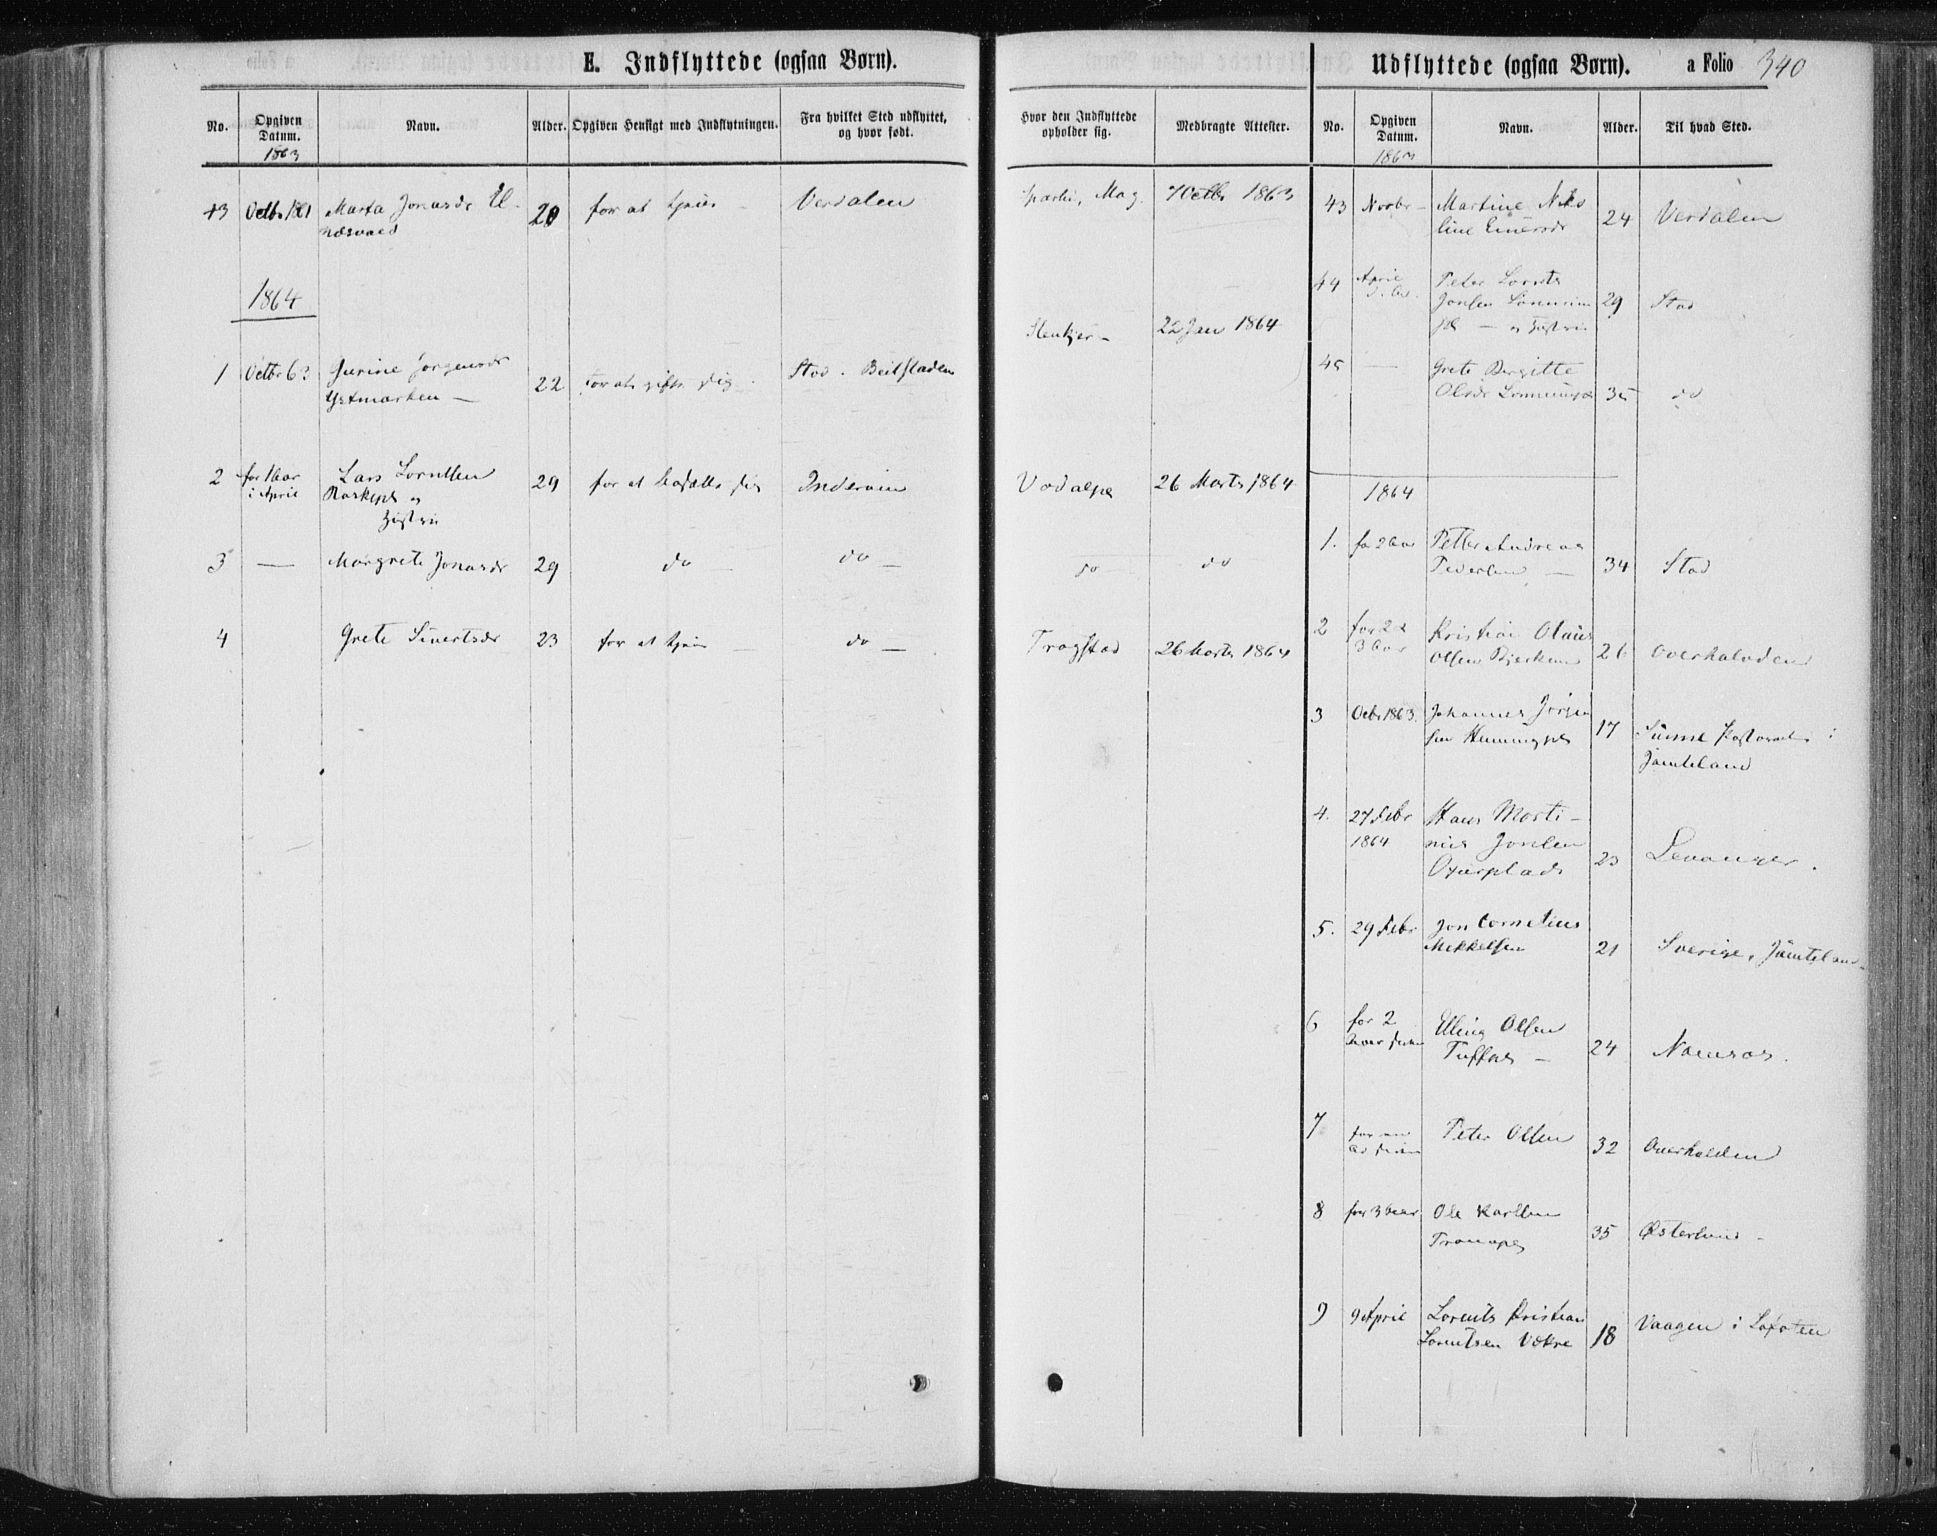 SAT, Ministerialprotokoller, klokkerbøker og fødselsregistre - Nord-Trøndelag, 735/L0345: Ministerialbok nr. 735A08 /1, 1863-1872, s. 340